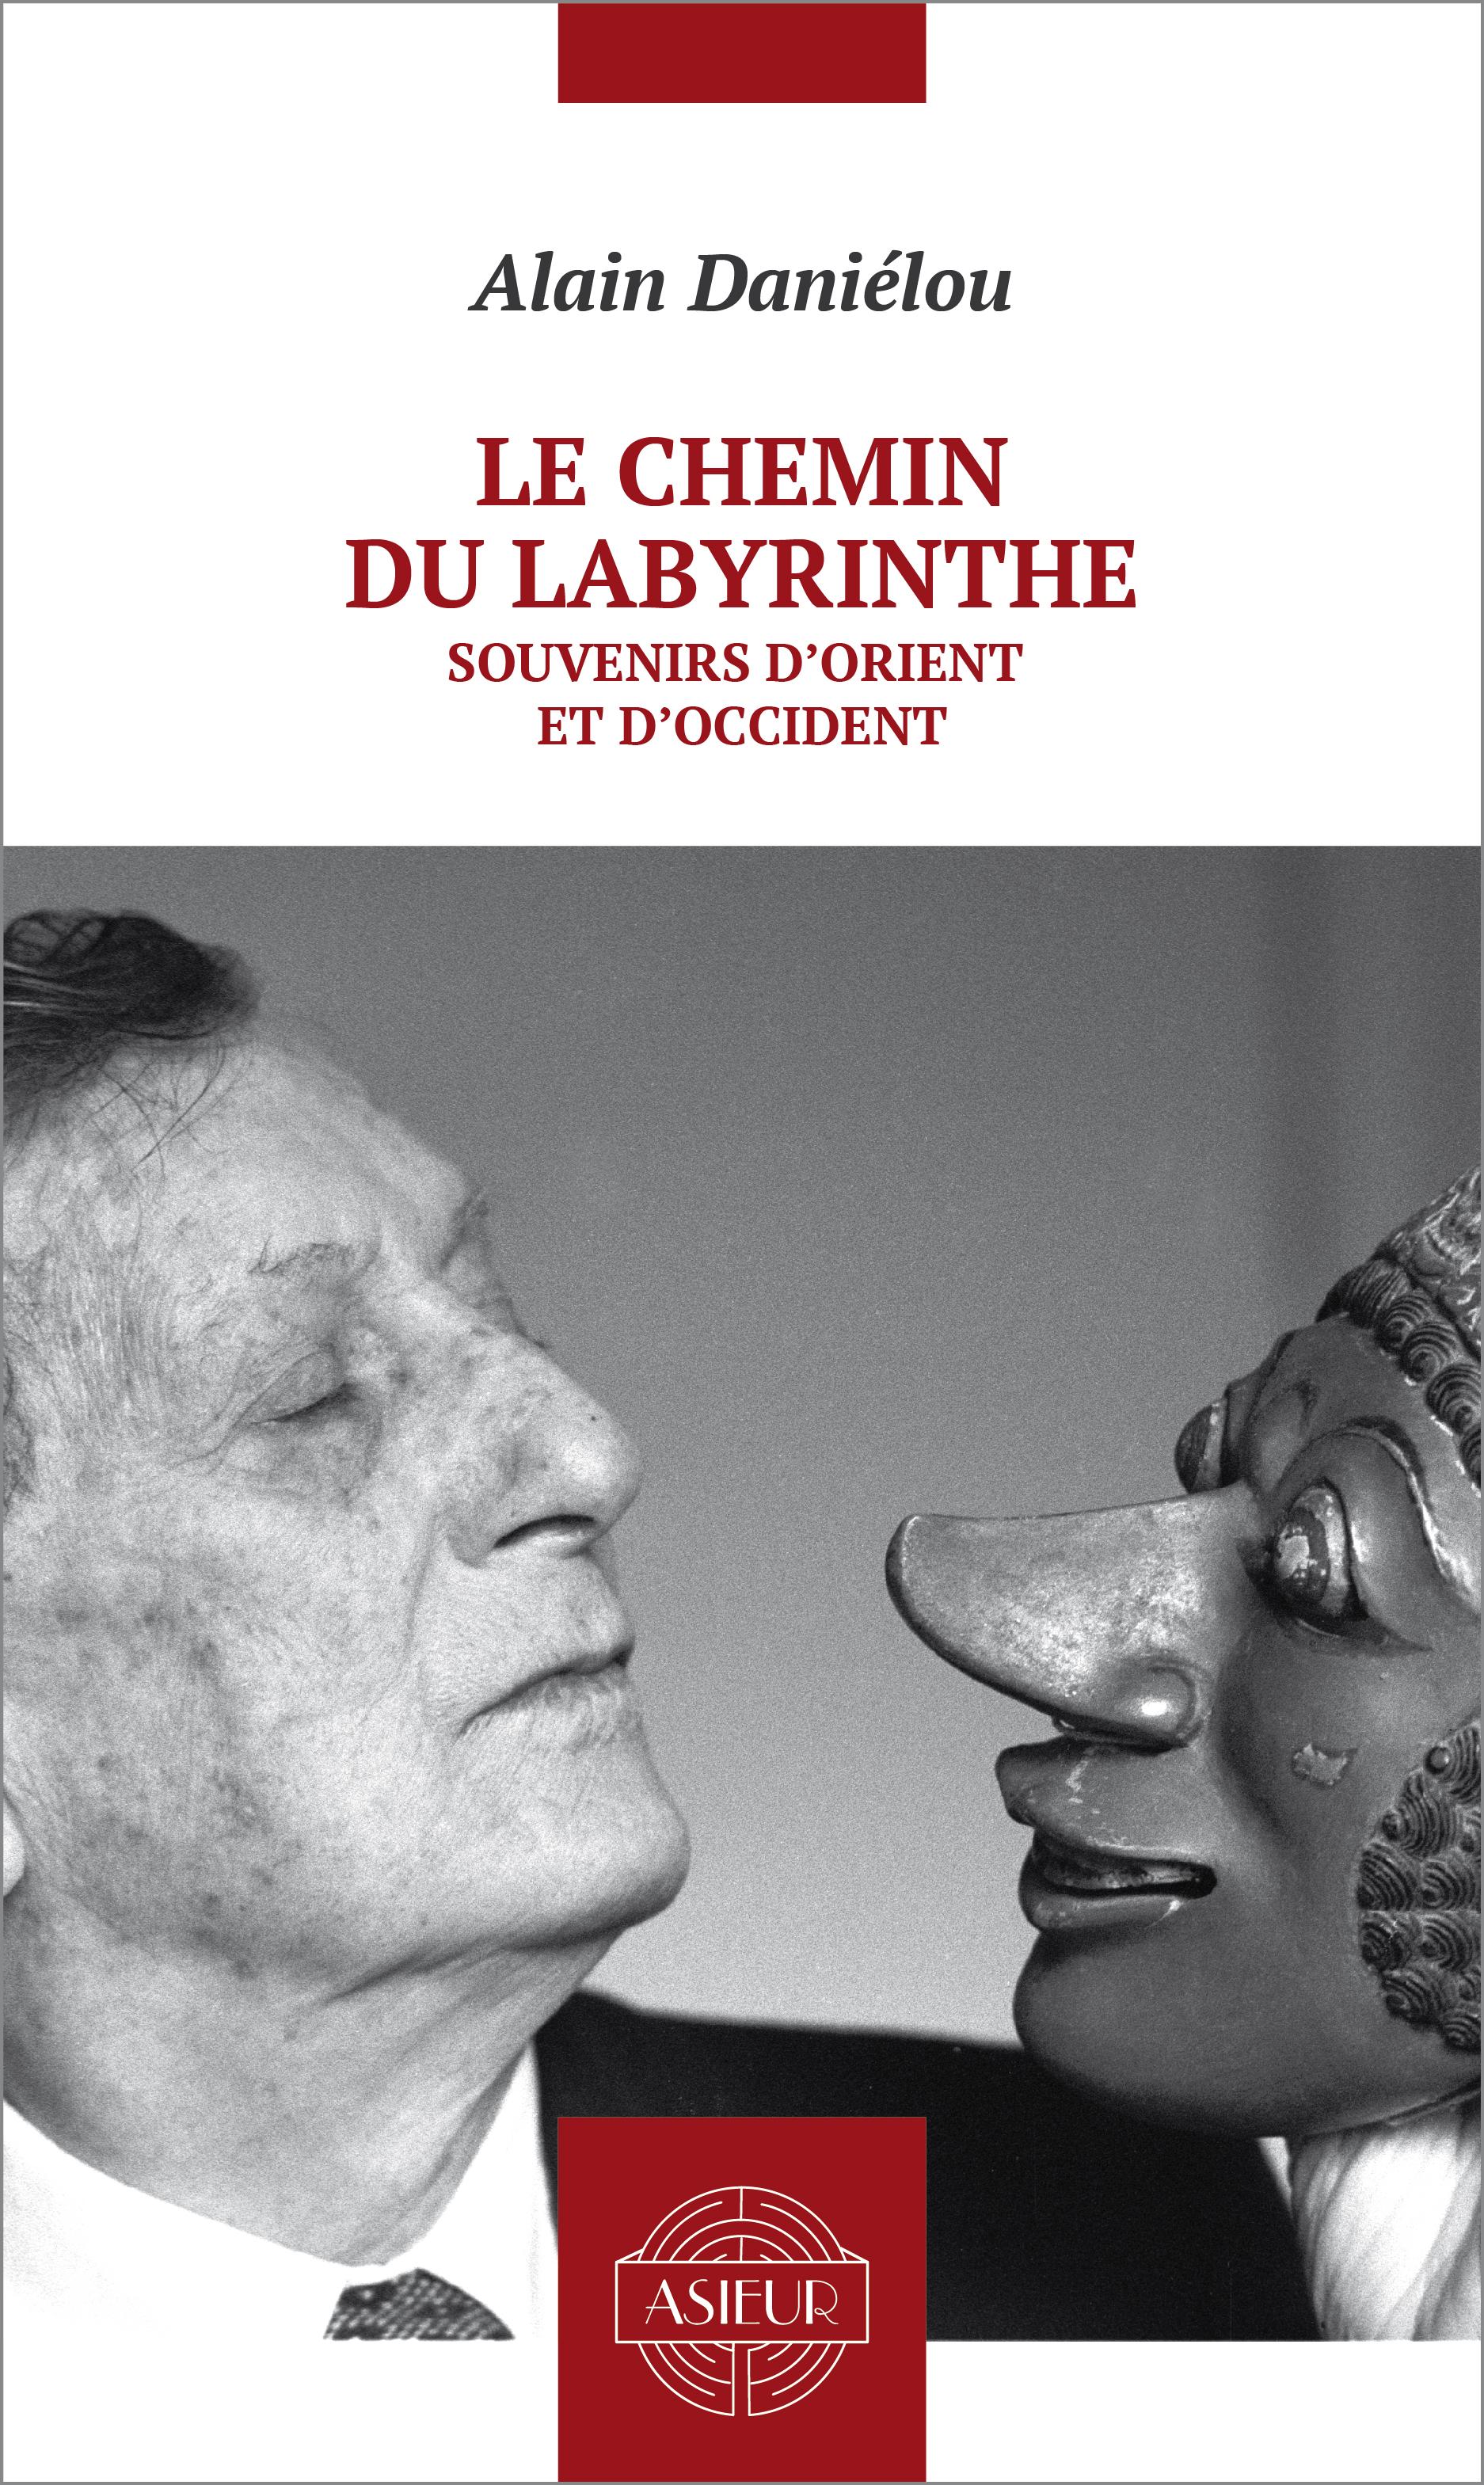 Le chemin du Labyrinthe, SOUVENIRS D'ORIENT ET D'OCCIDENT